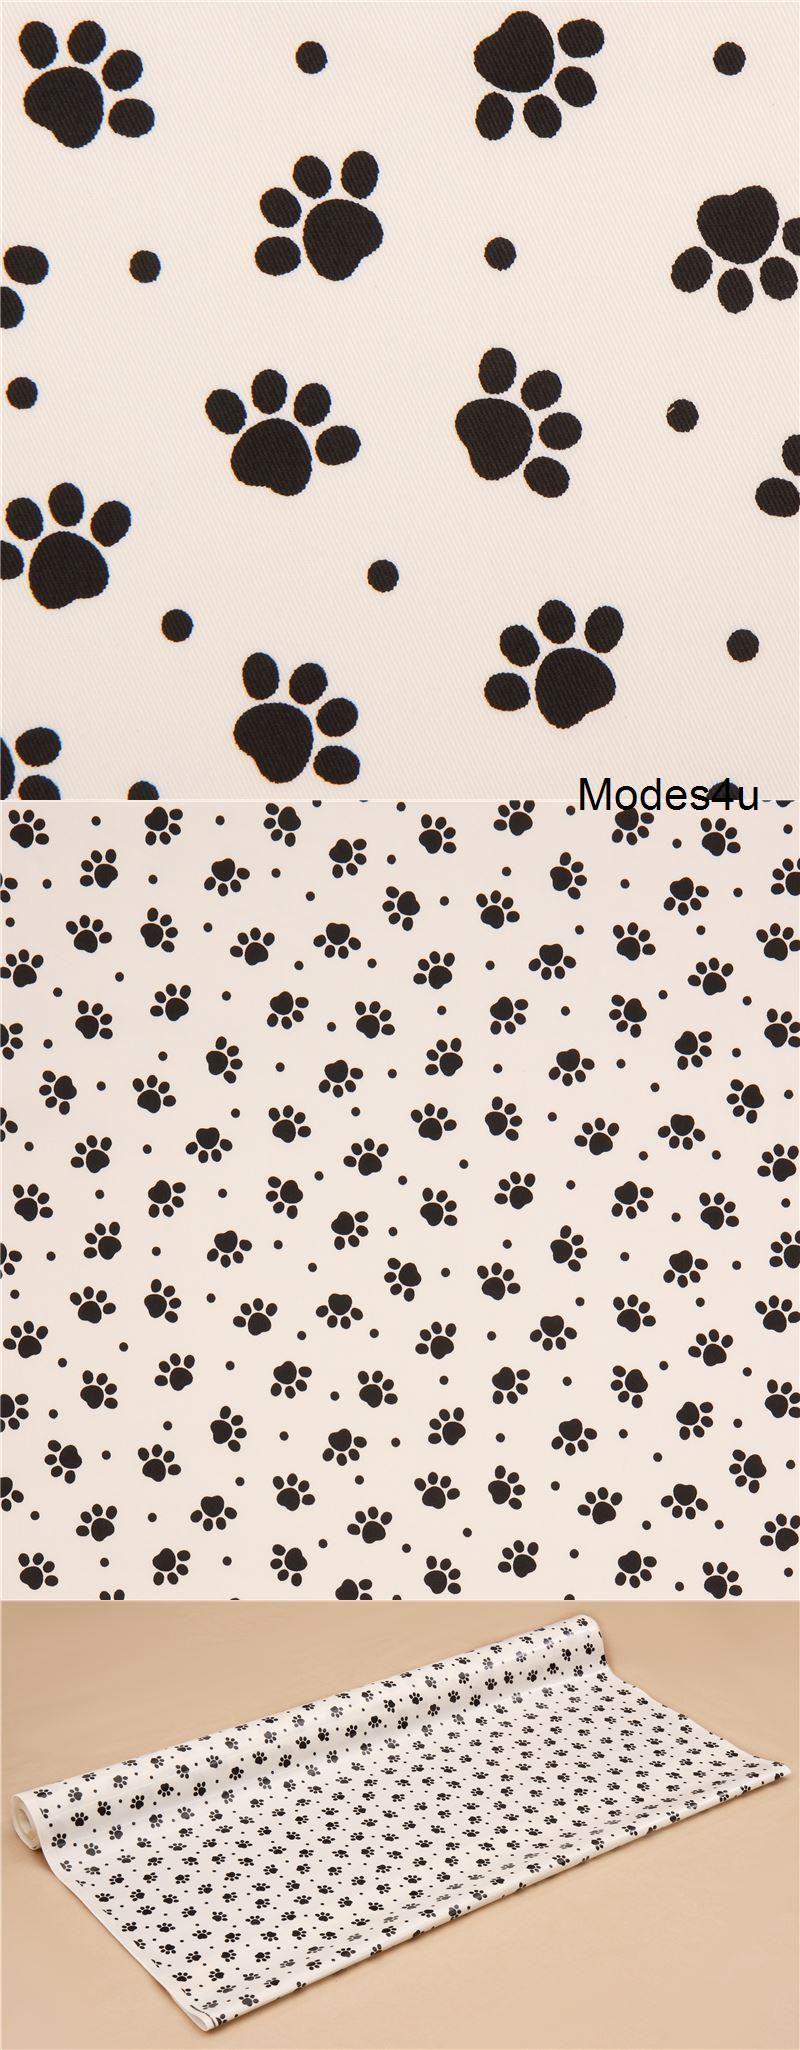 Grauweißer Schwarzer Tier Pfotenabdruck Laminat Stoff Aus Japan